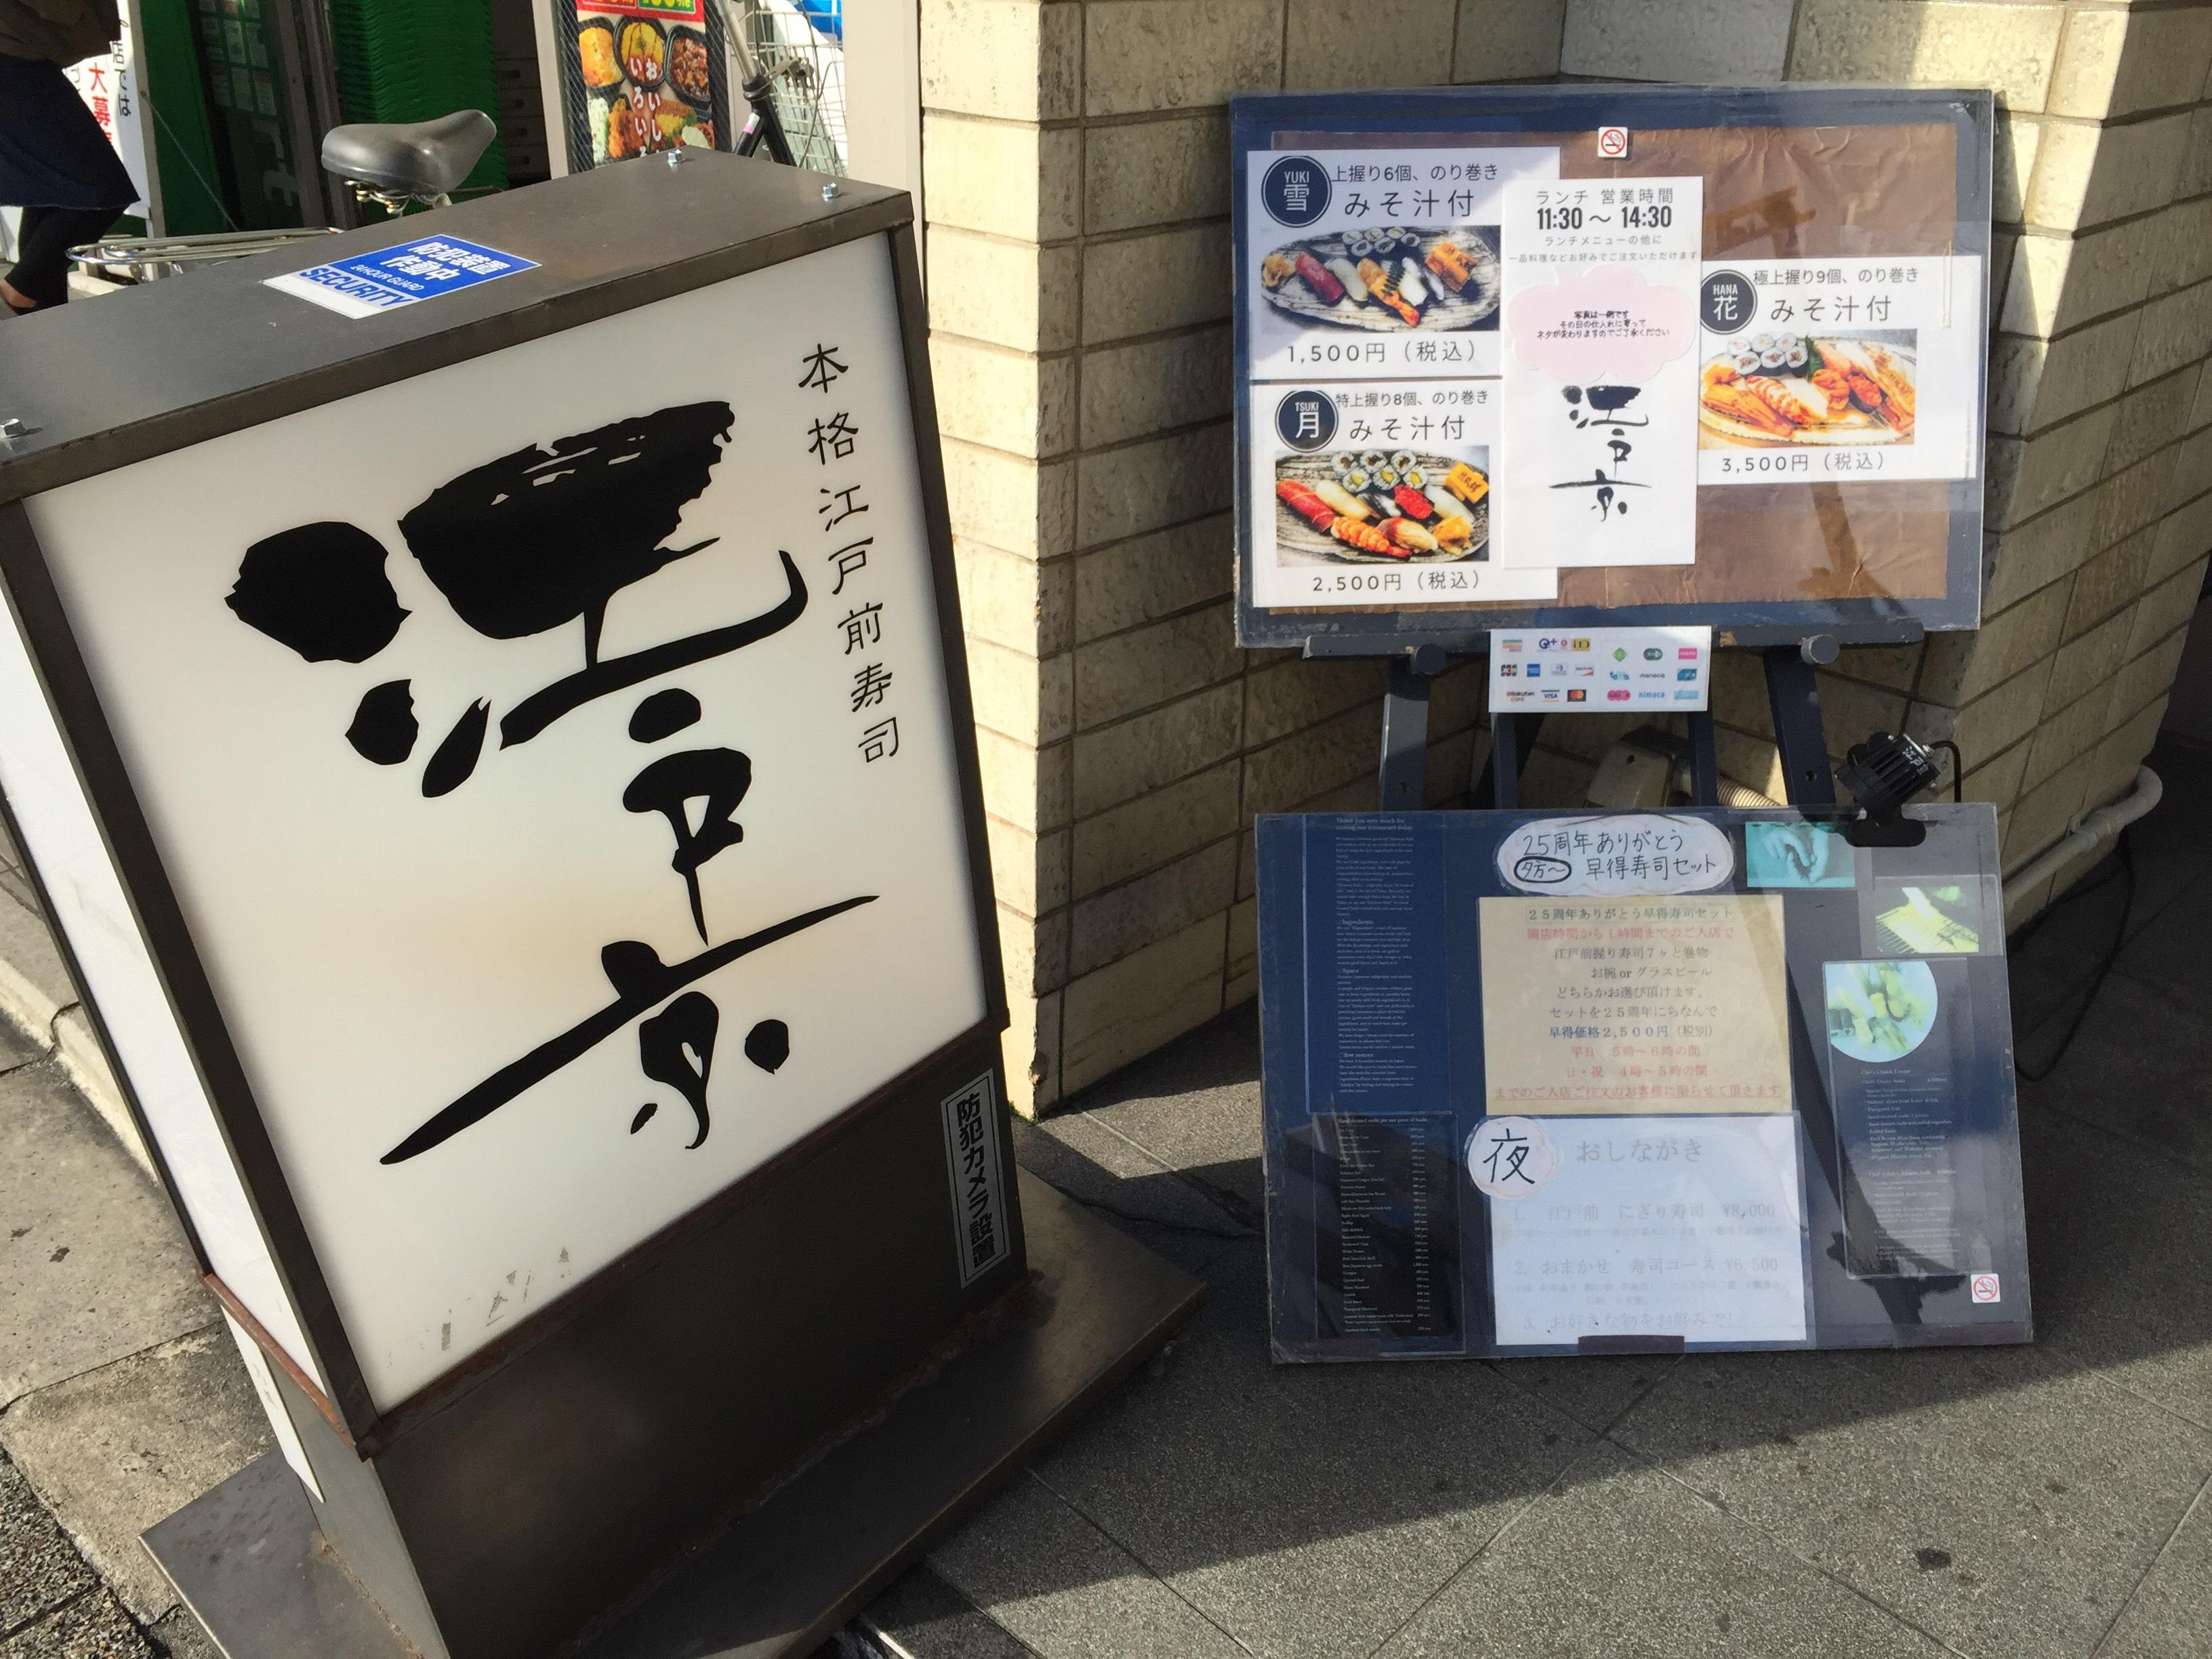 江戸京 三条 寿司